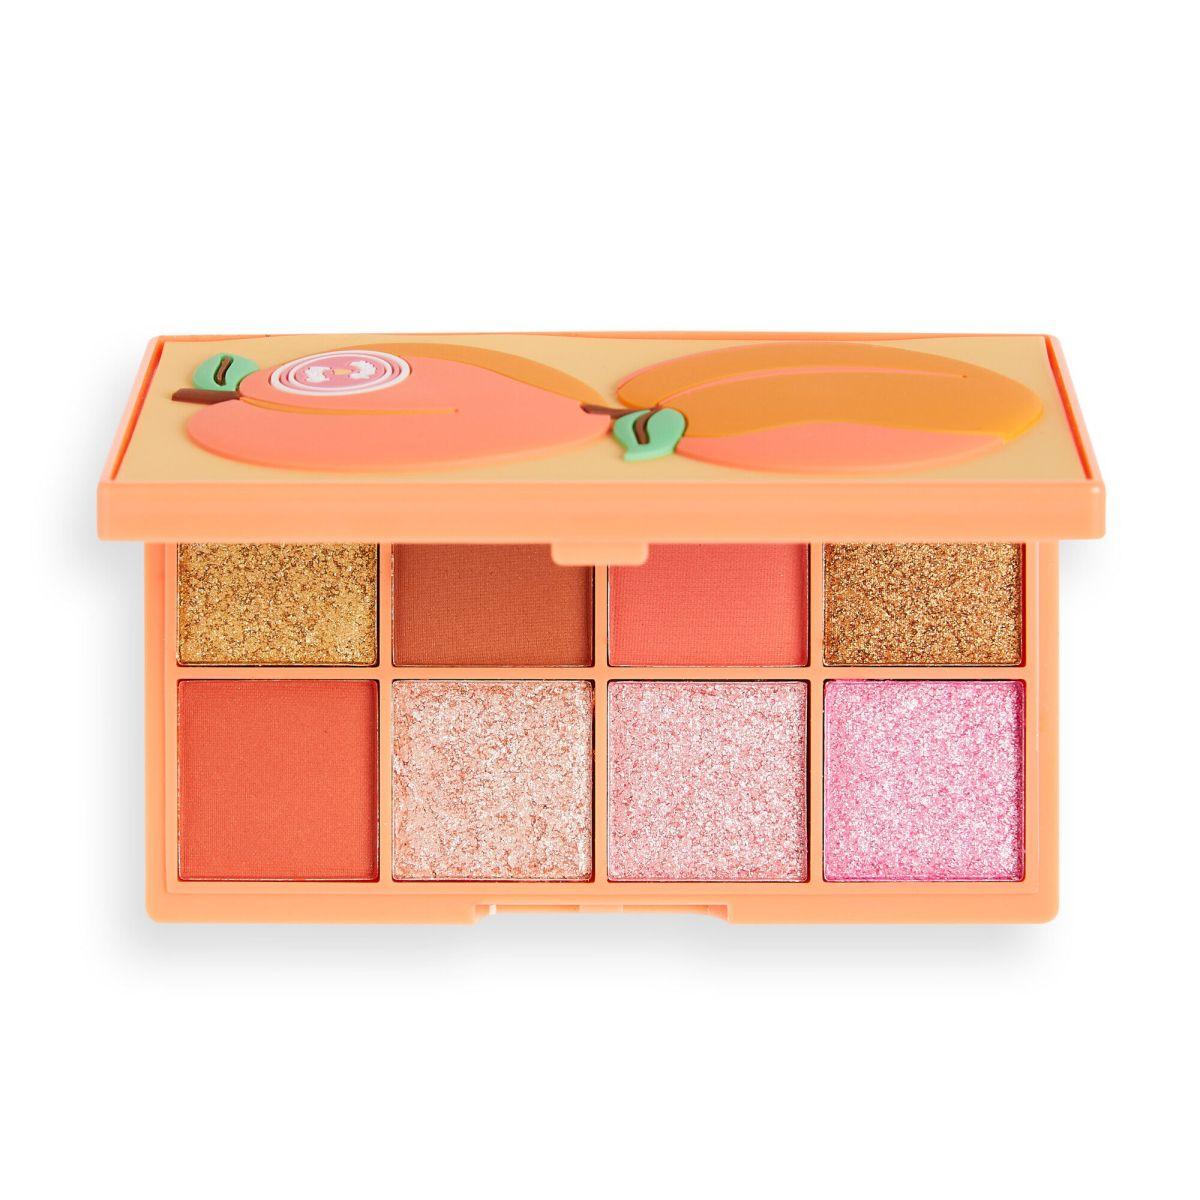 Mini Tasty Shadow Palette Peach